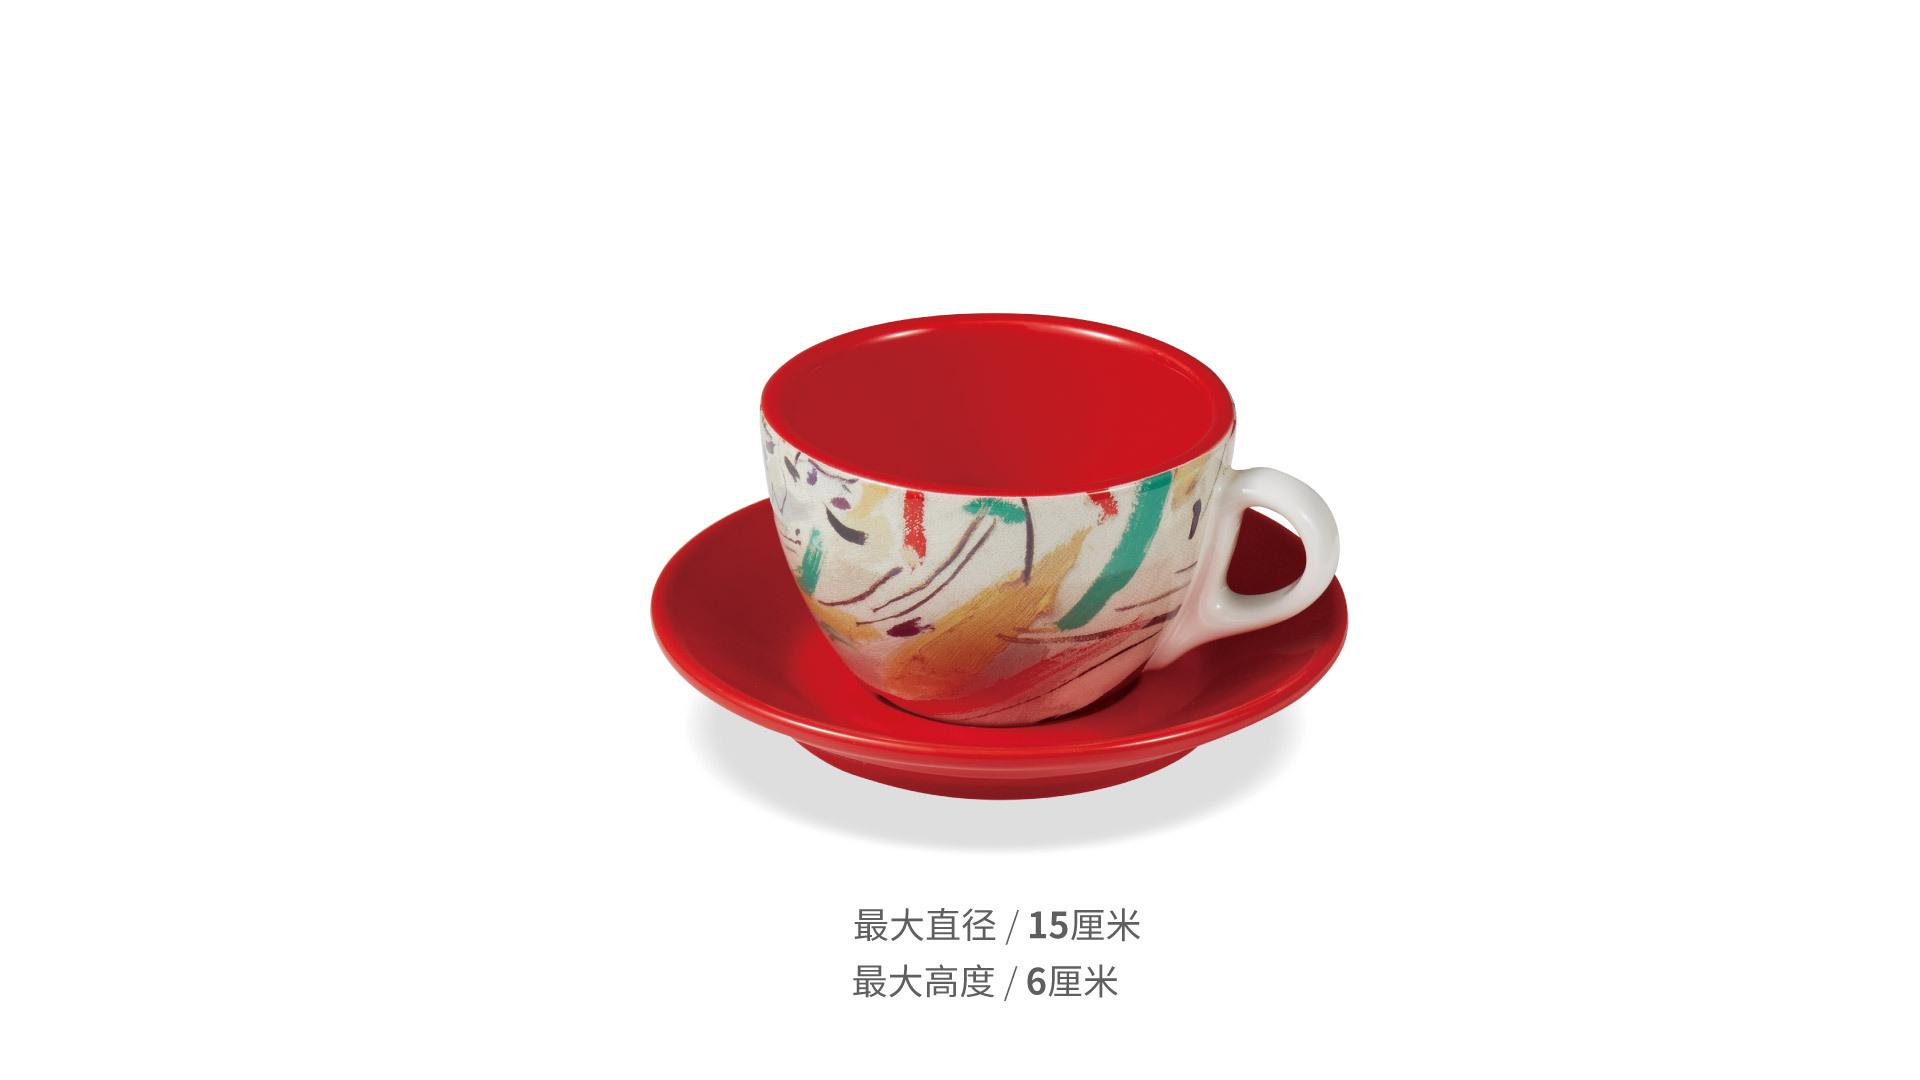 吴冠中艺术瓷餐具组-印尼舟群咖啡杯套装餐具效果图